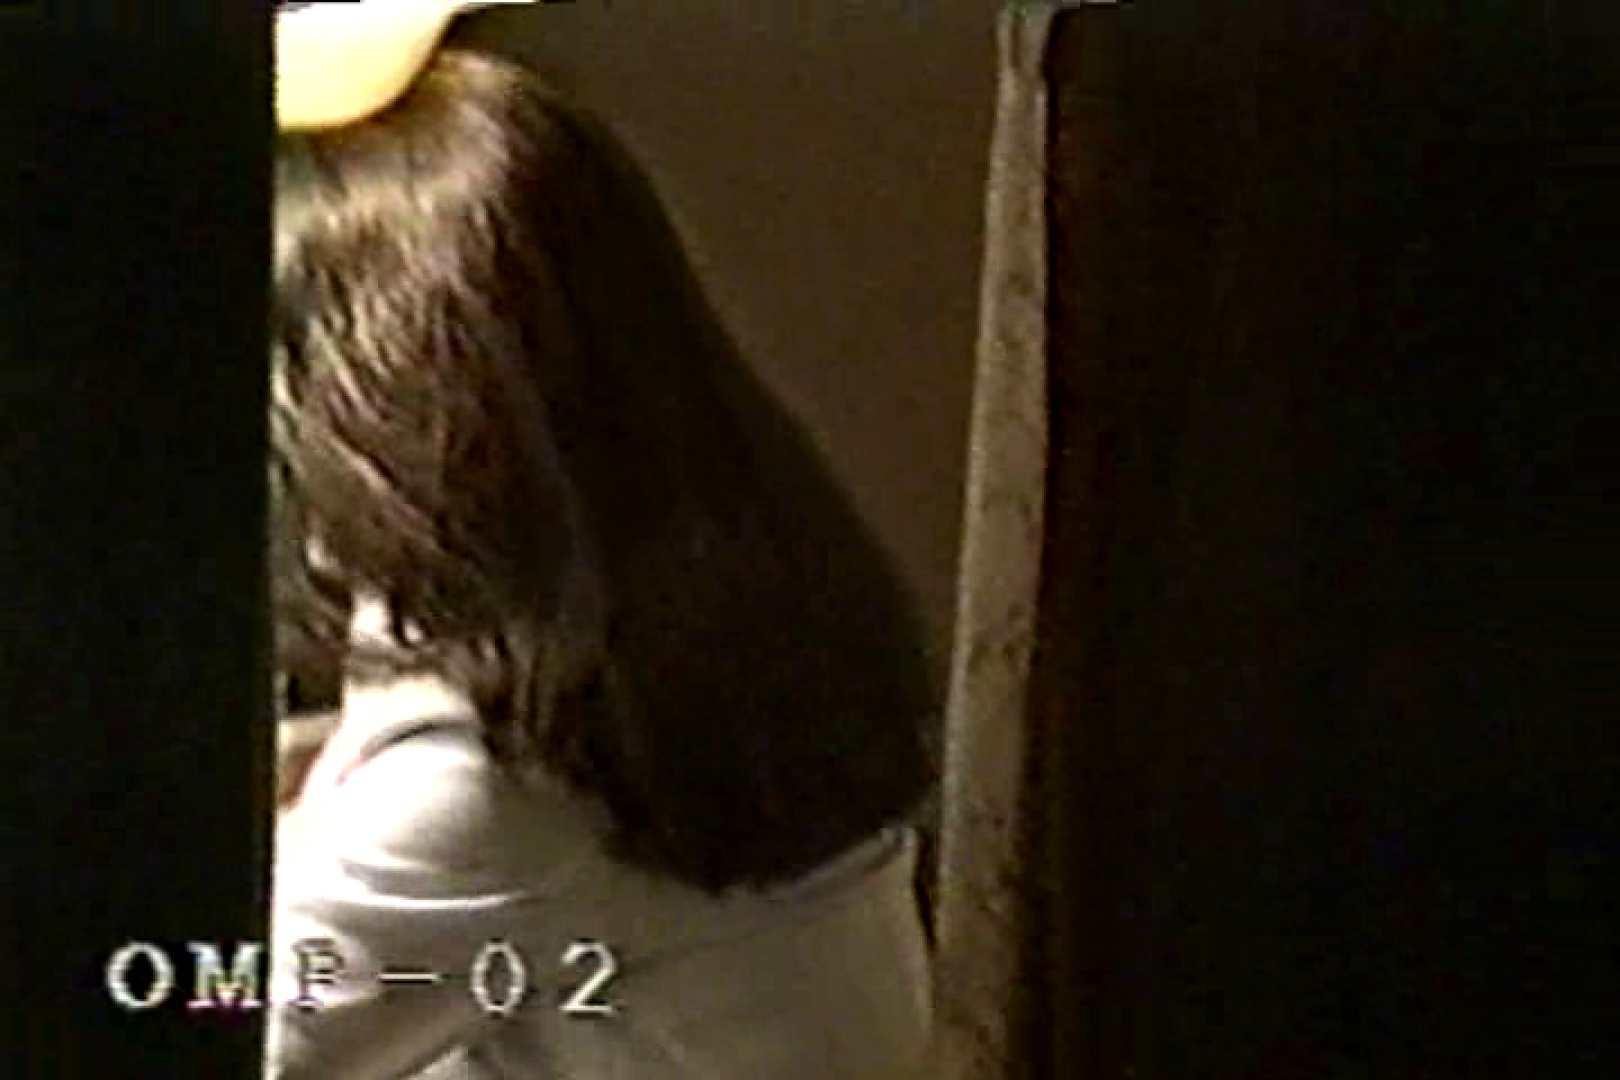 究極の民家覗き撮りVol.2 ホテルでエッチ 盗み撮りSEX無修正画像 50pic 25